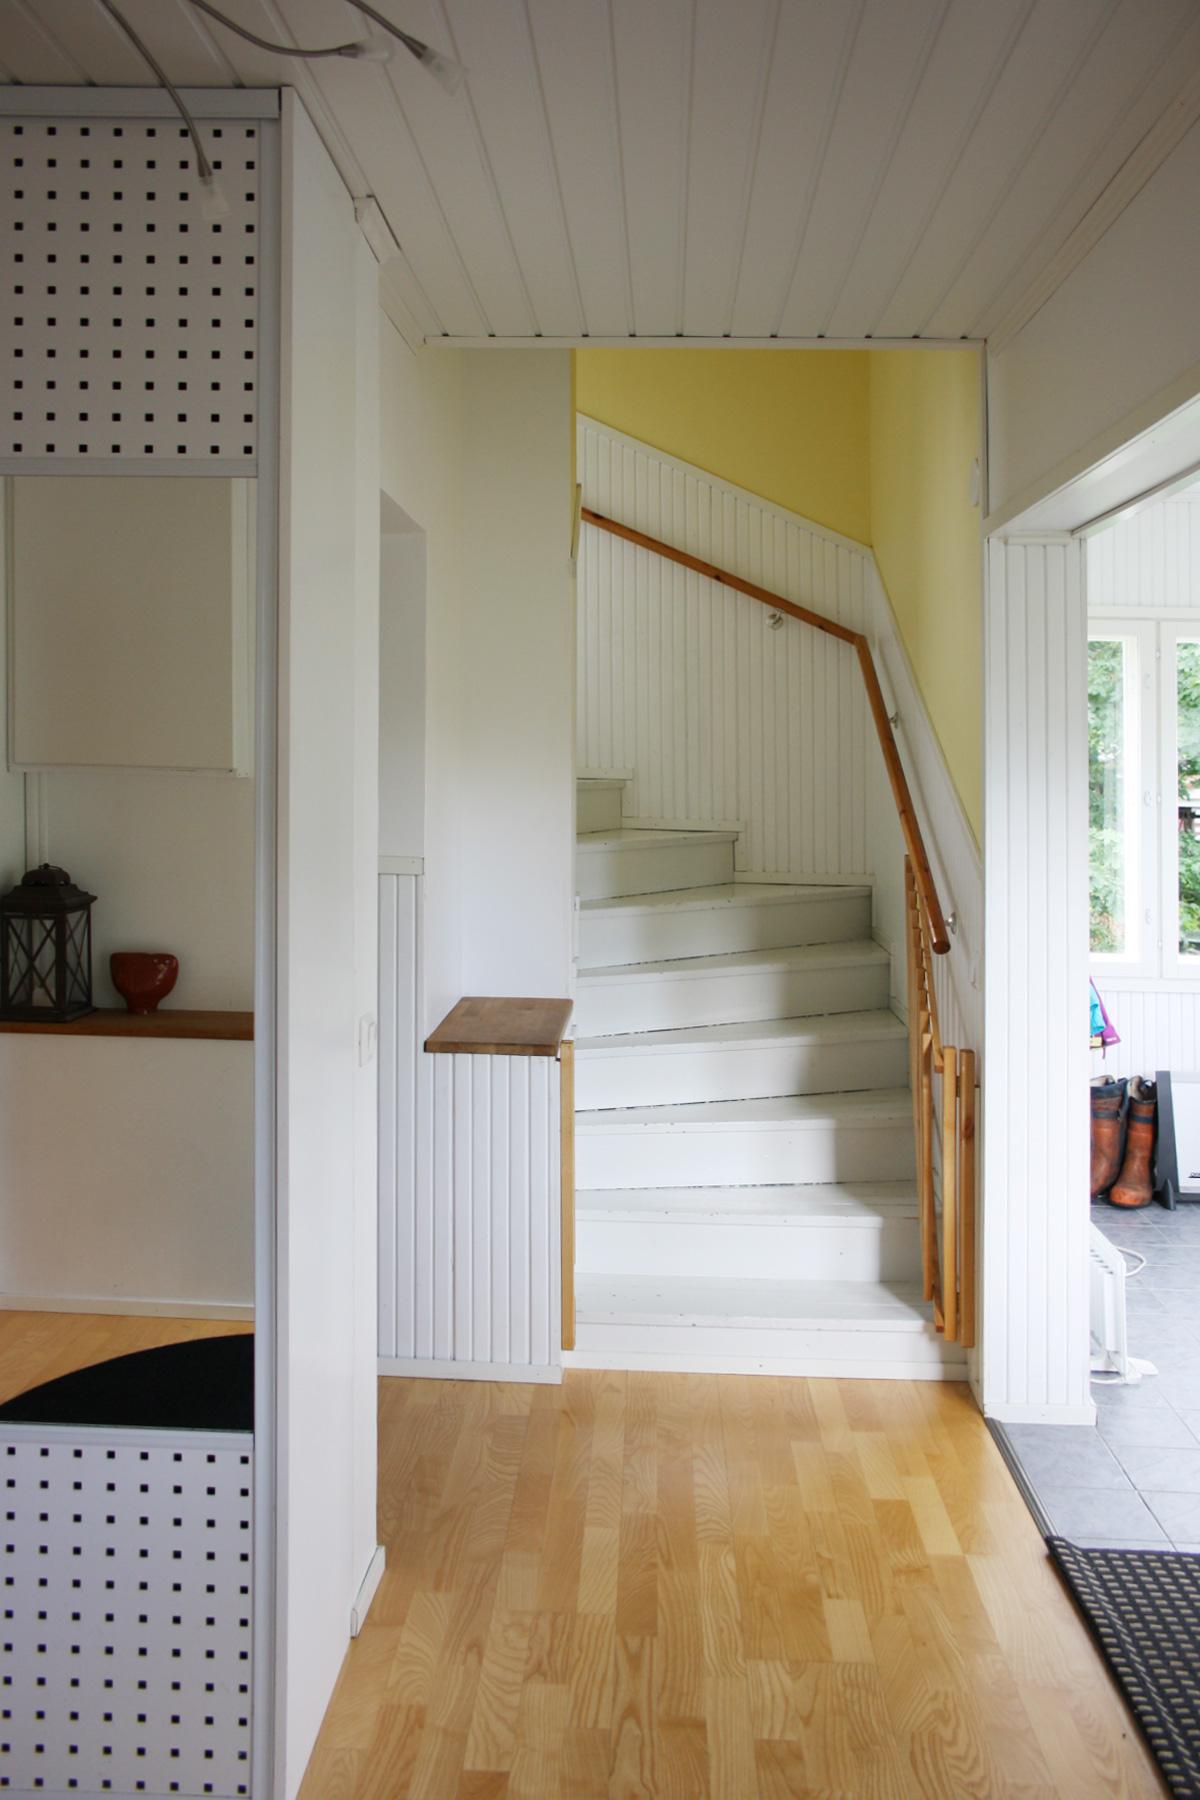 Rintamamiestalon yläkerta  Perhekoti ilmapiiri